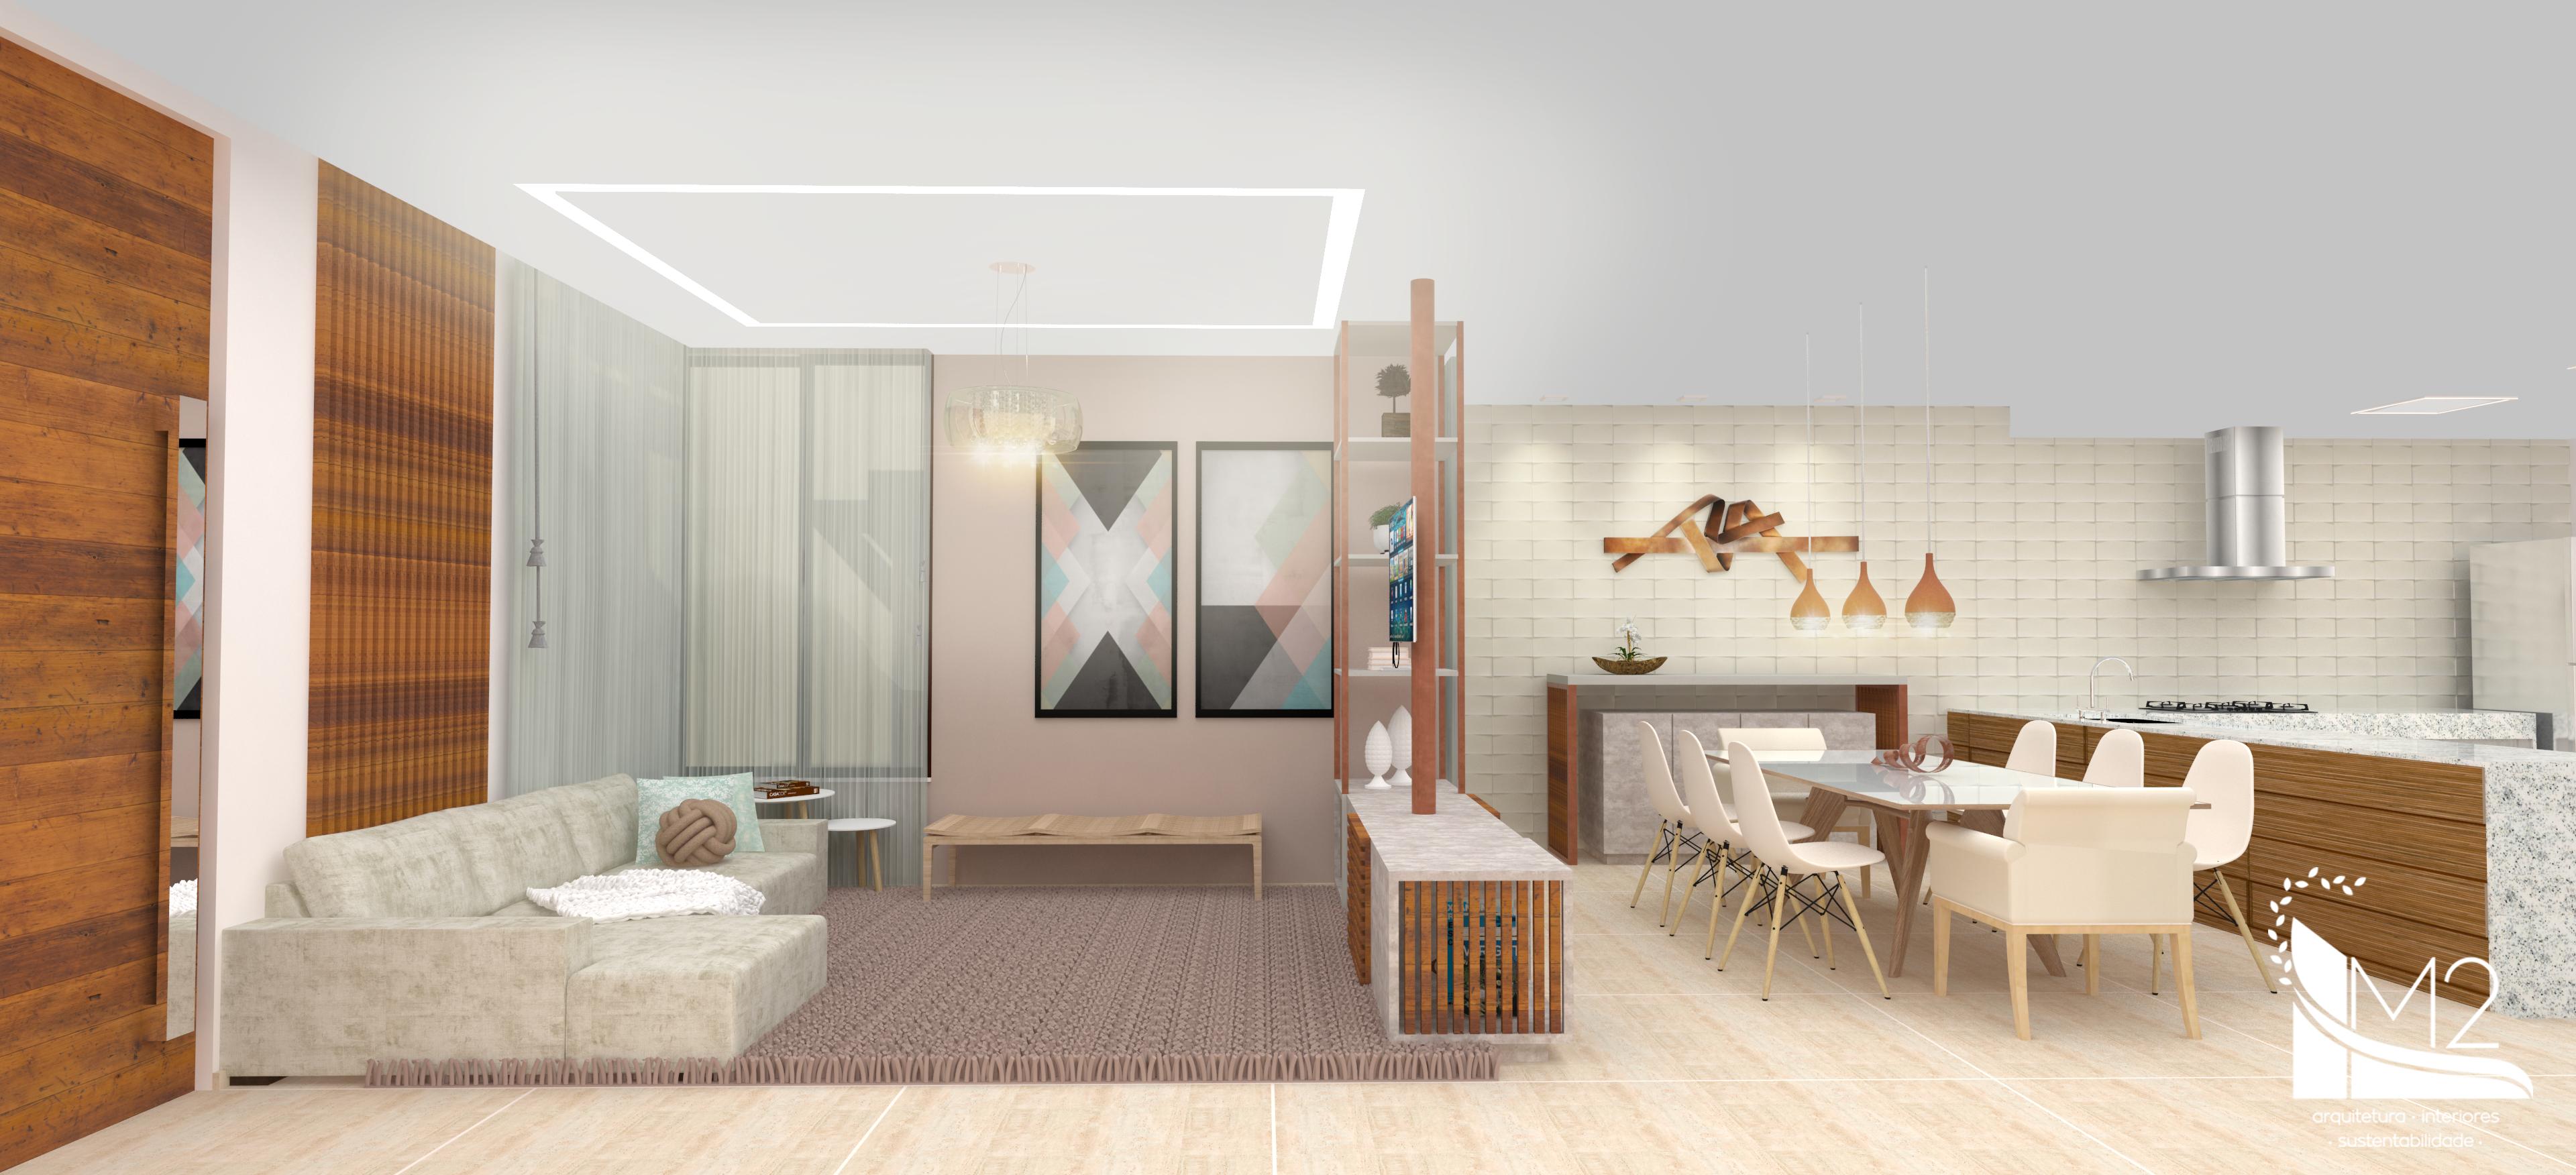 Sala Integrada de estar e jantar